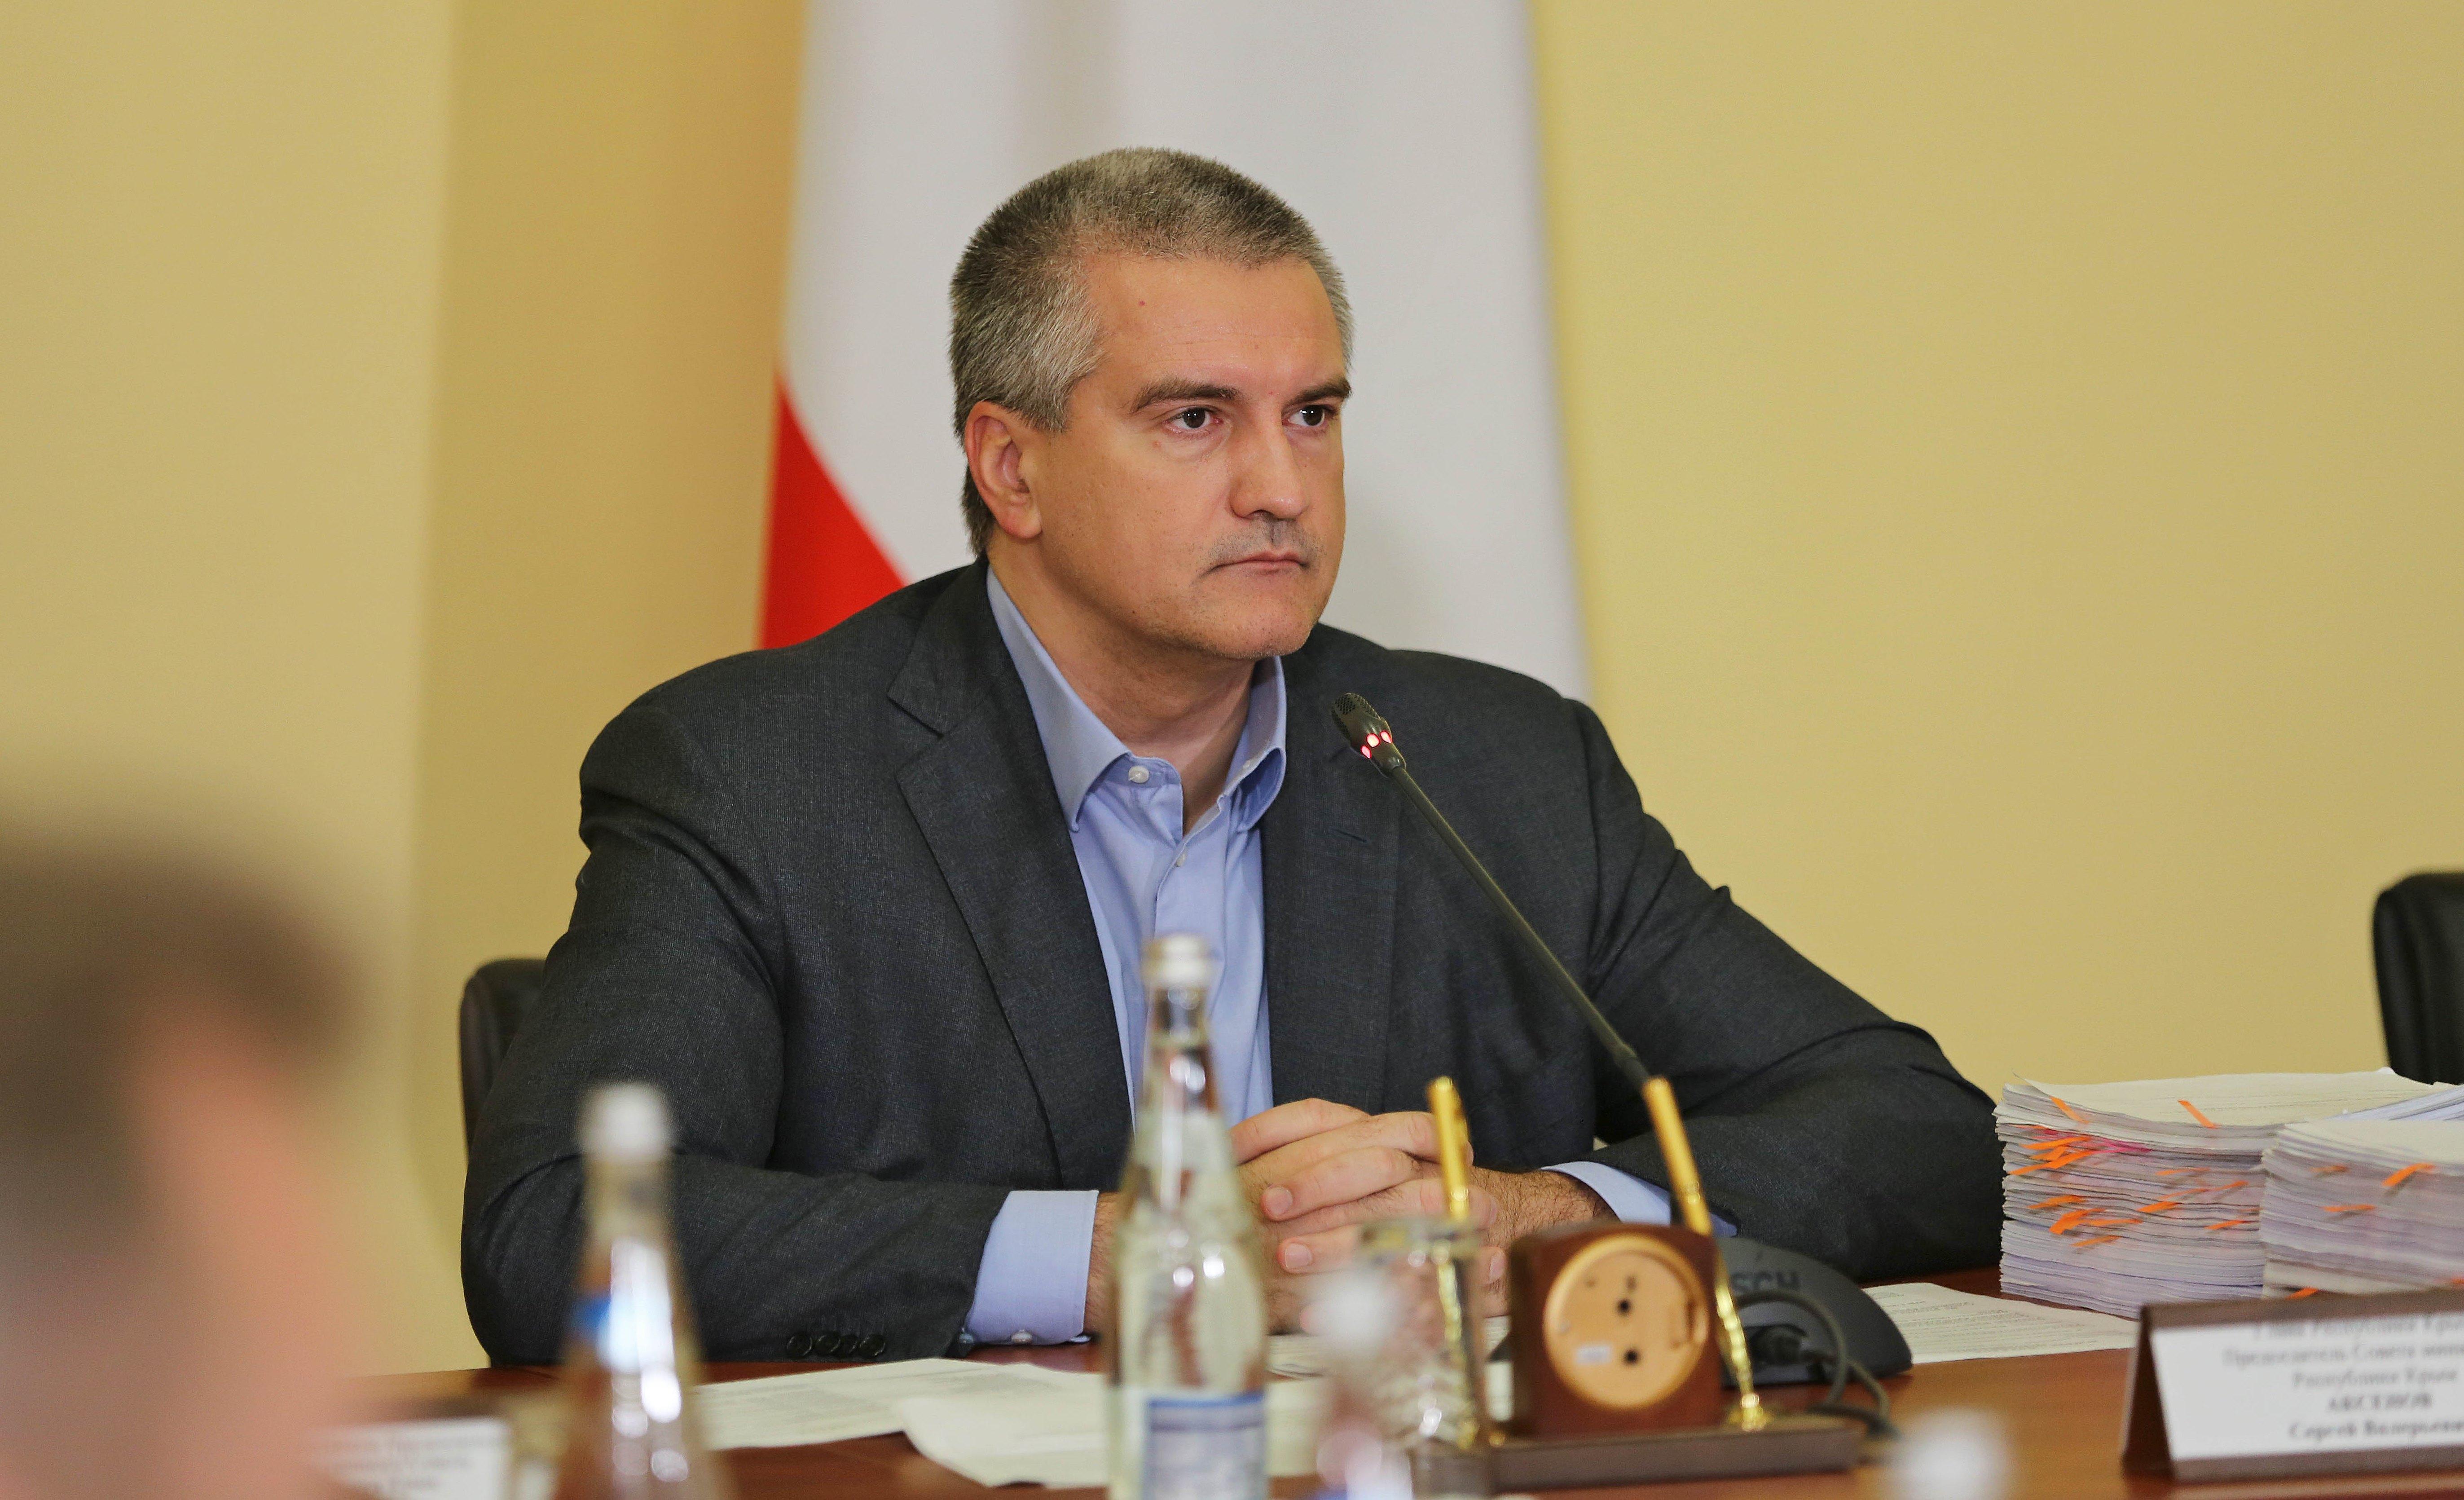 Руководитель Крыма предложил сделать детские сады бесплатными